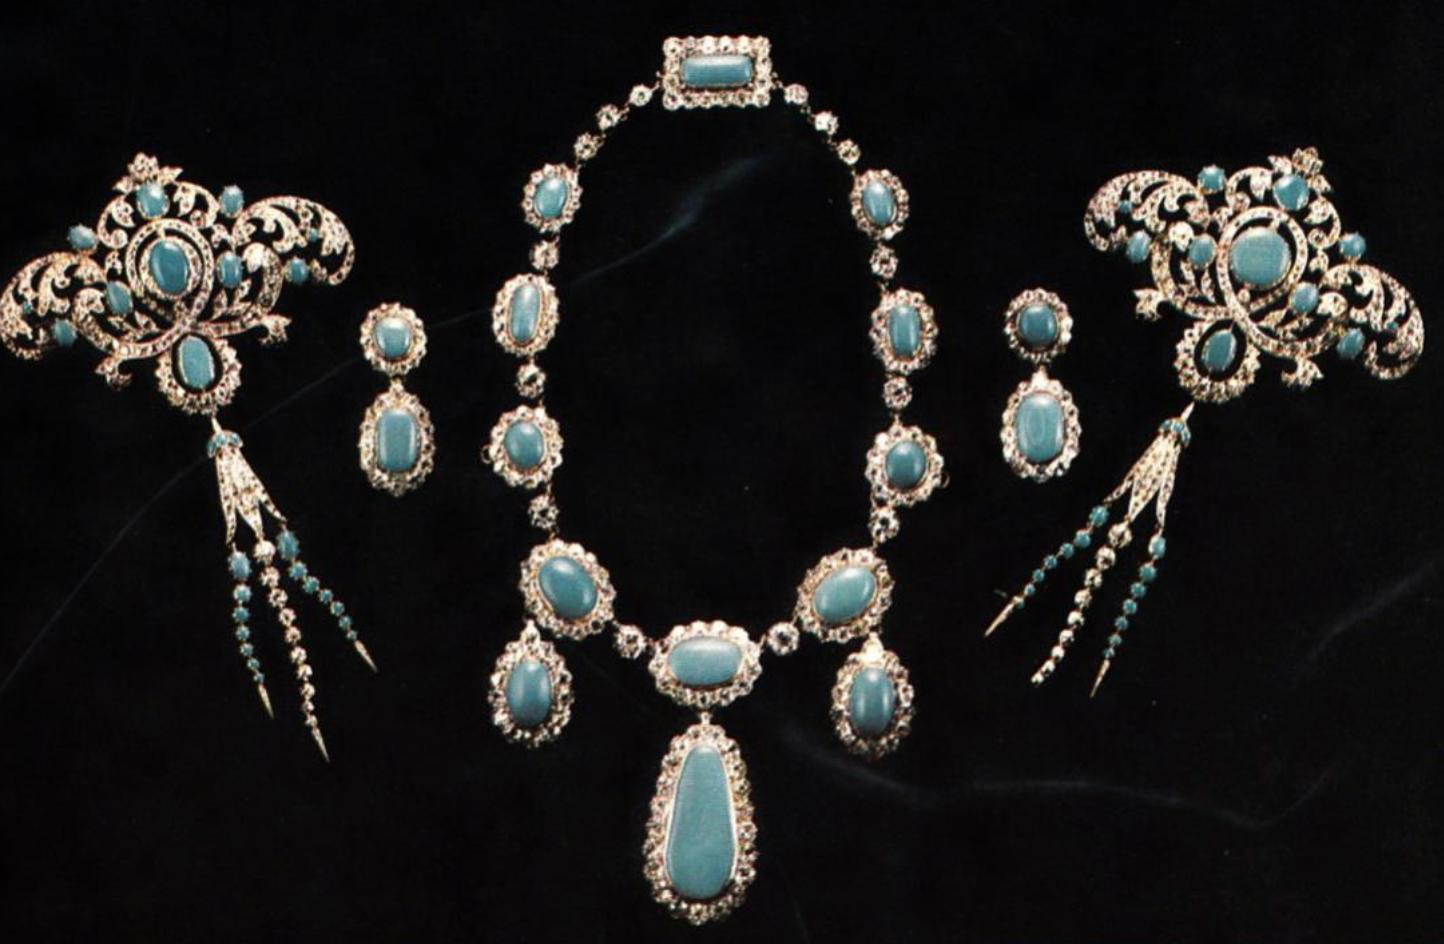 Frances Anne's turquoise parure